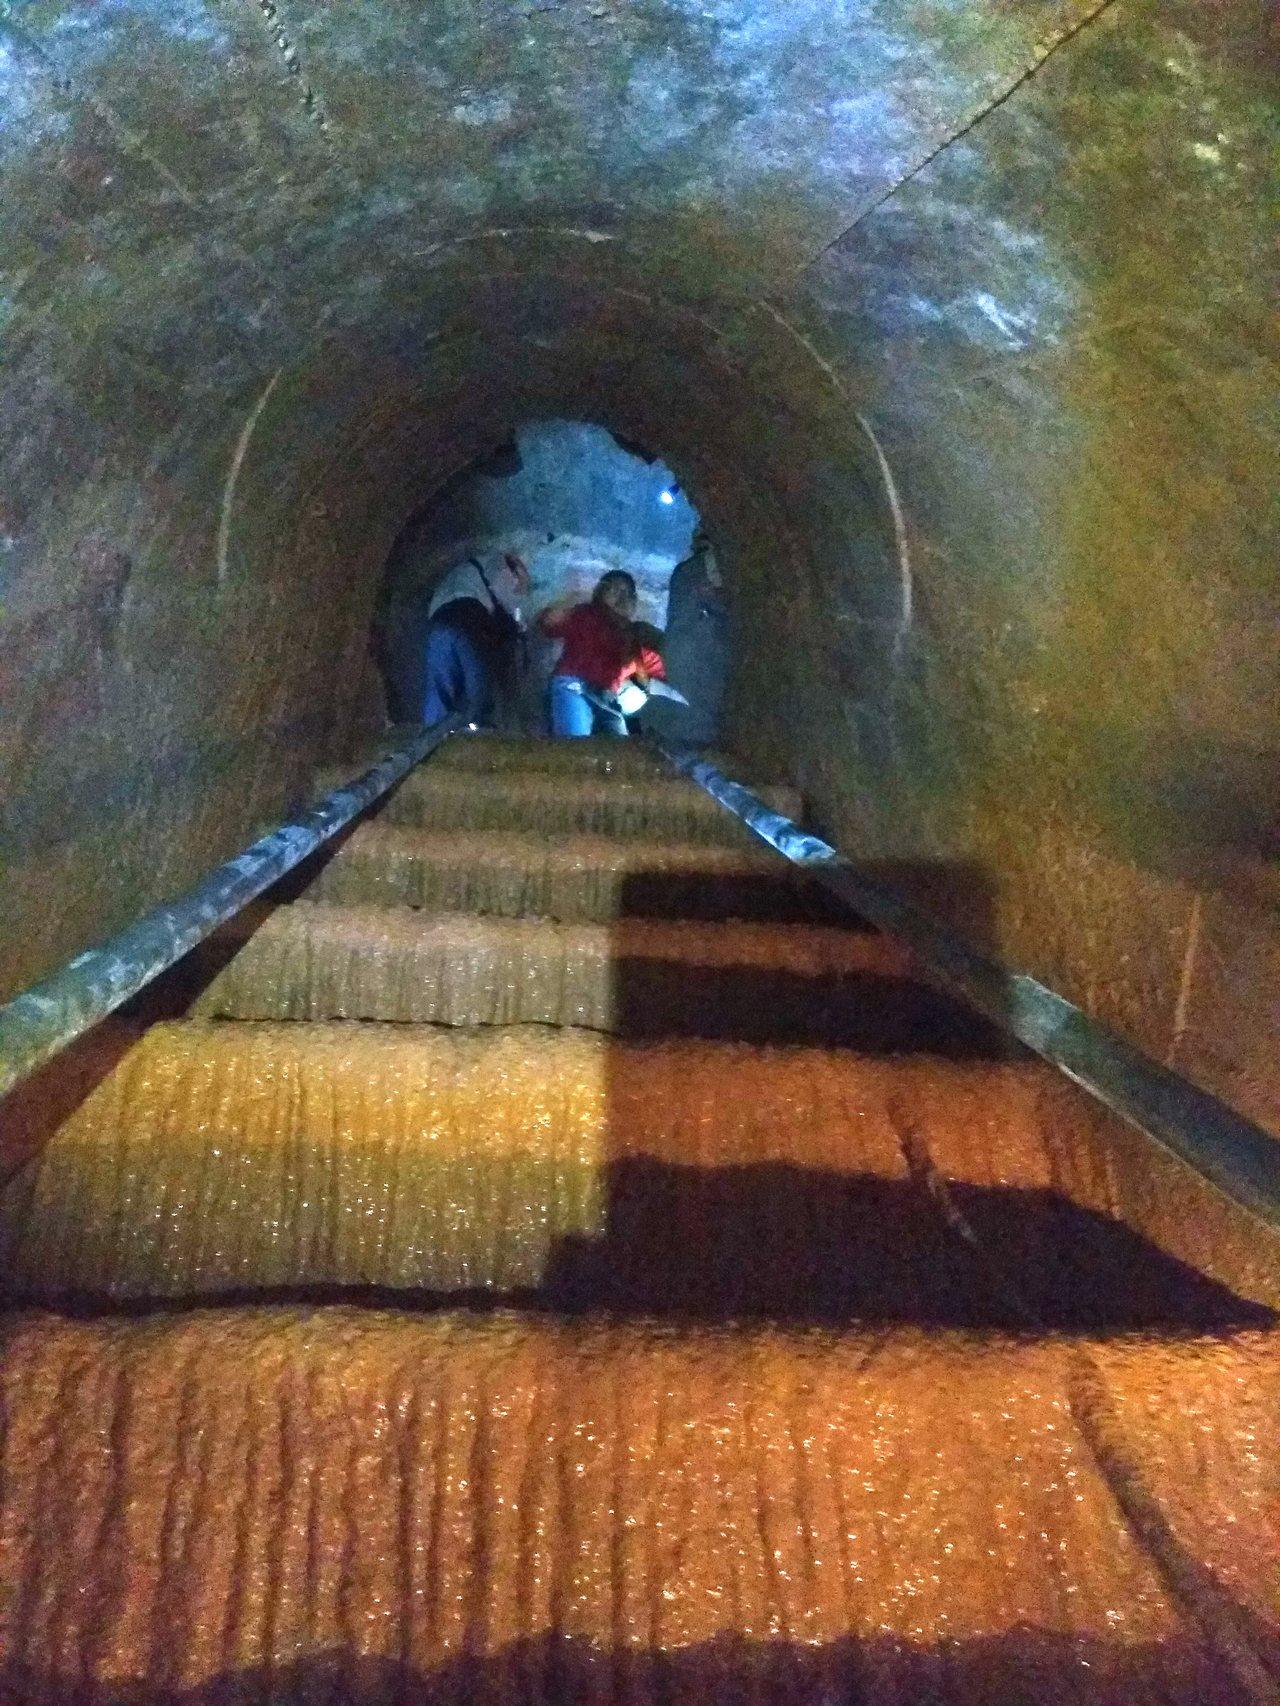 戰備水庫70幾年來無人使用,階梯上結滿鐘乳石,攀爬行走困難。圖/舊城文化協會提供